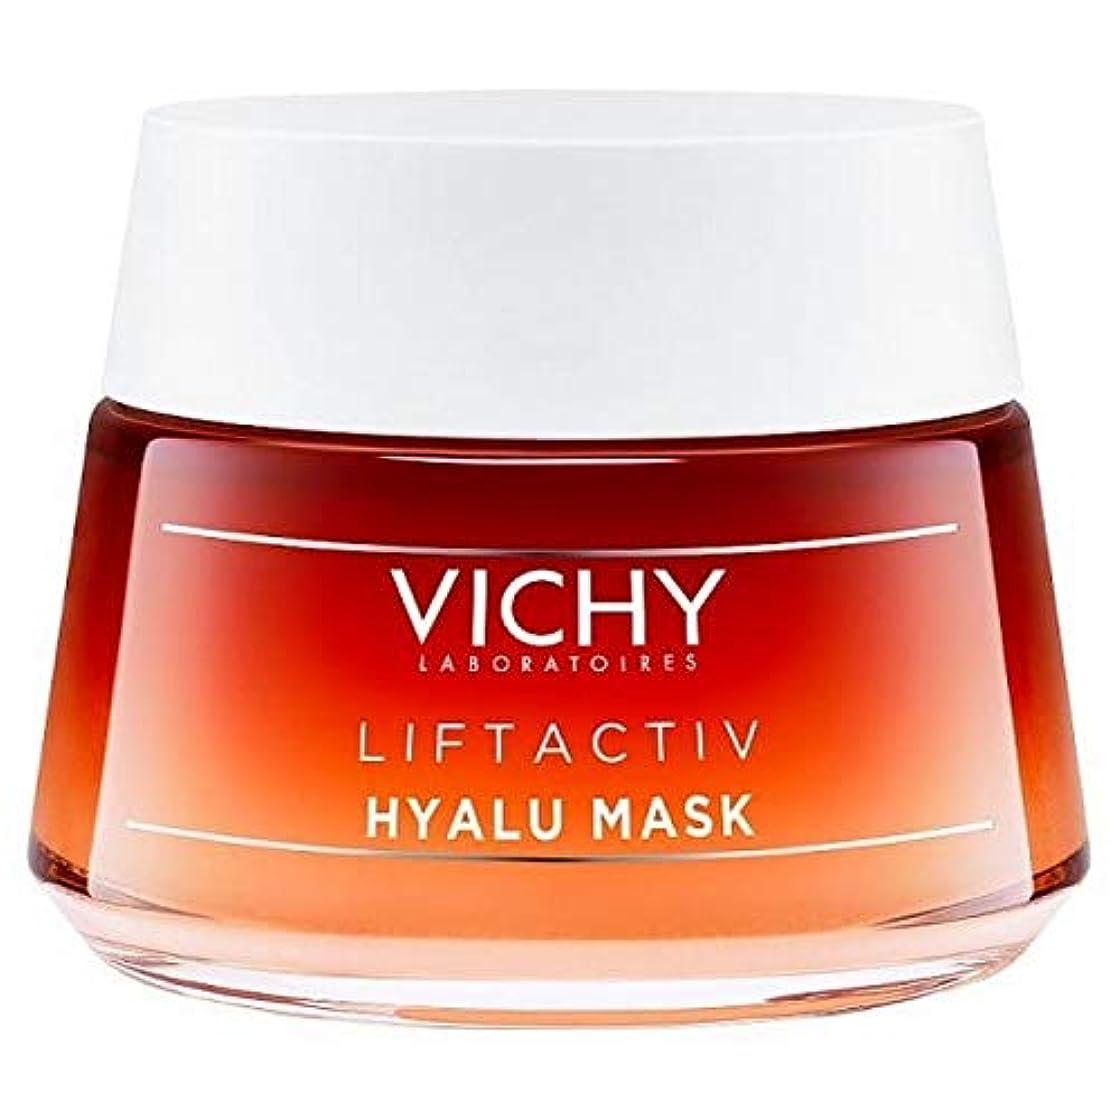 クレジット小学生下手[Vichy] ヴィシーLiftactiv Hyaluマスク50ミリリットル - Vichy LiftActiv Hyalu Mask 50ml [並行輸入品]